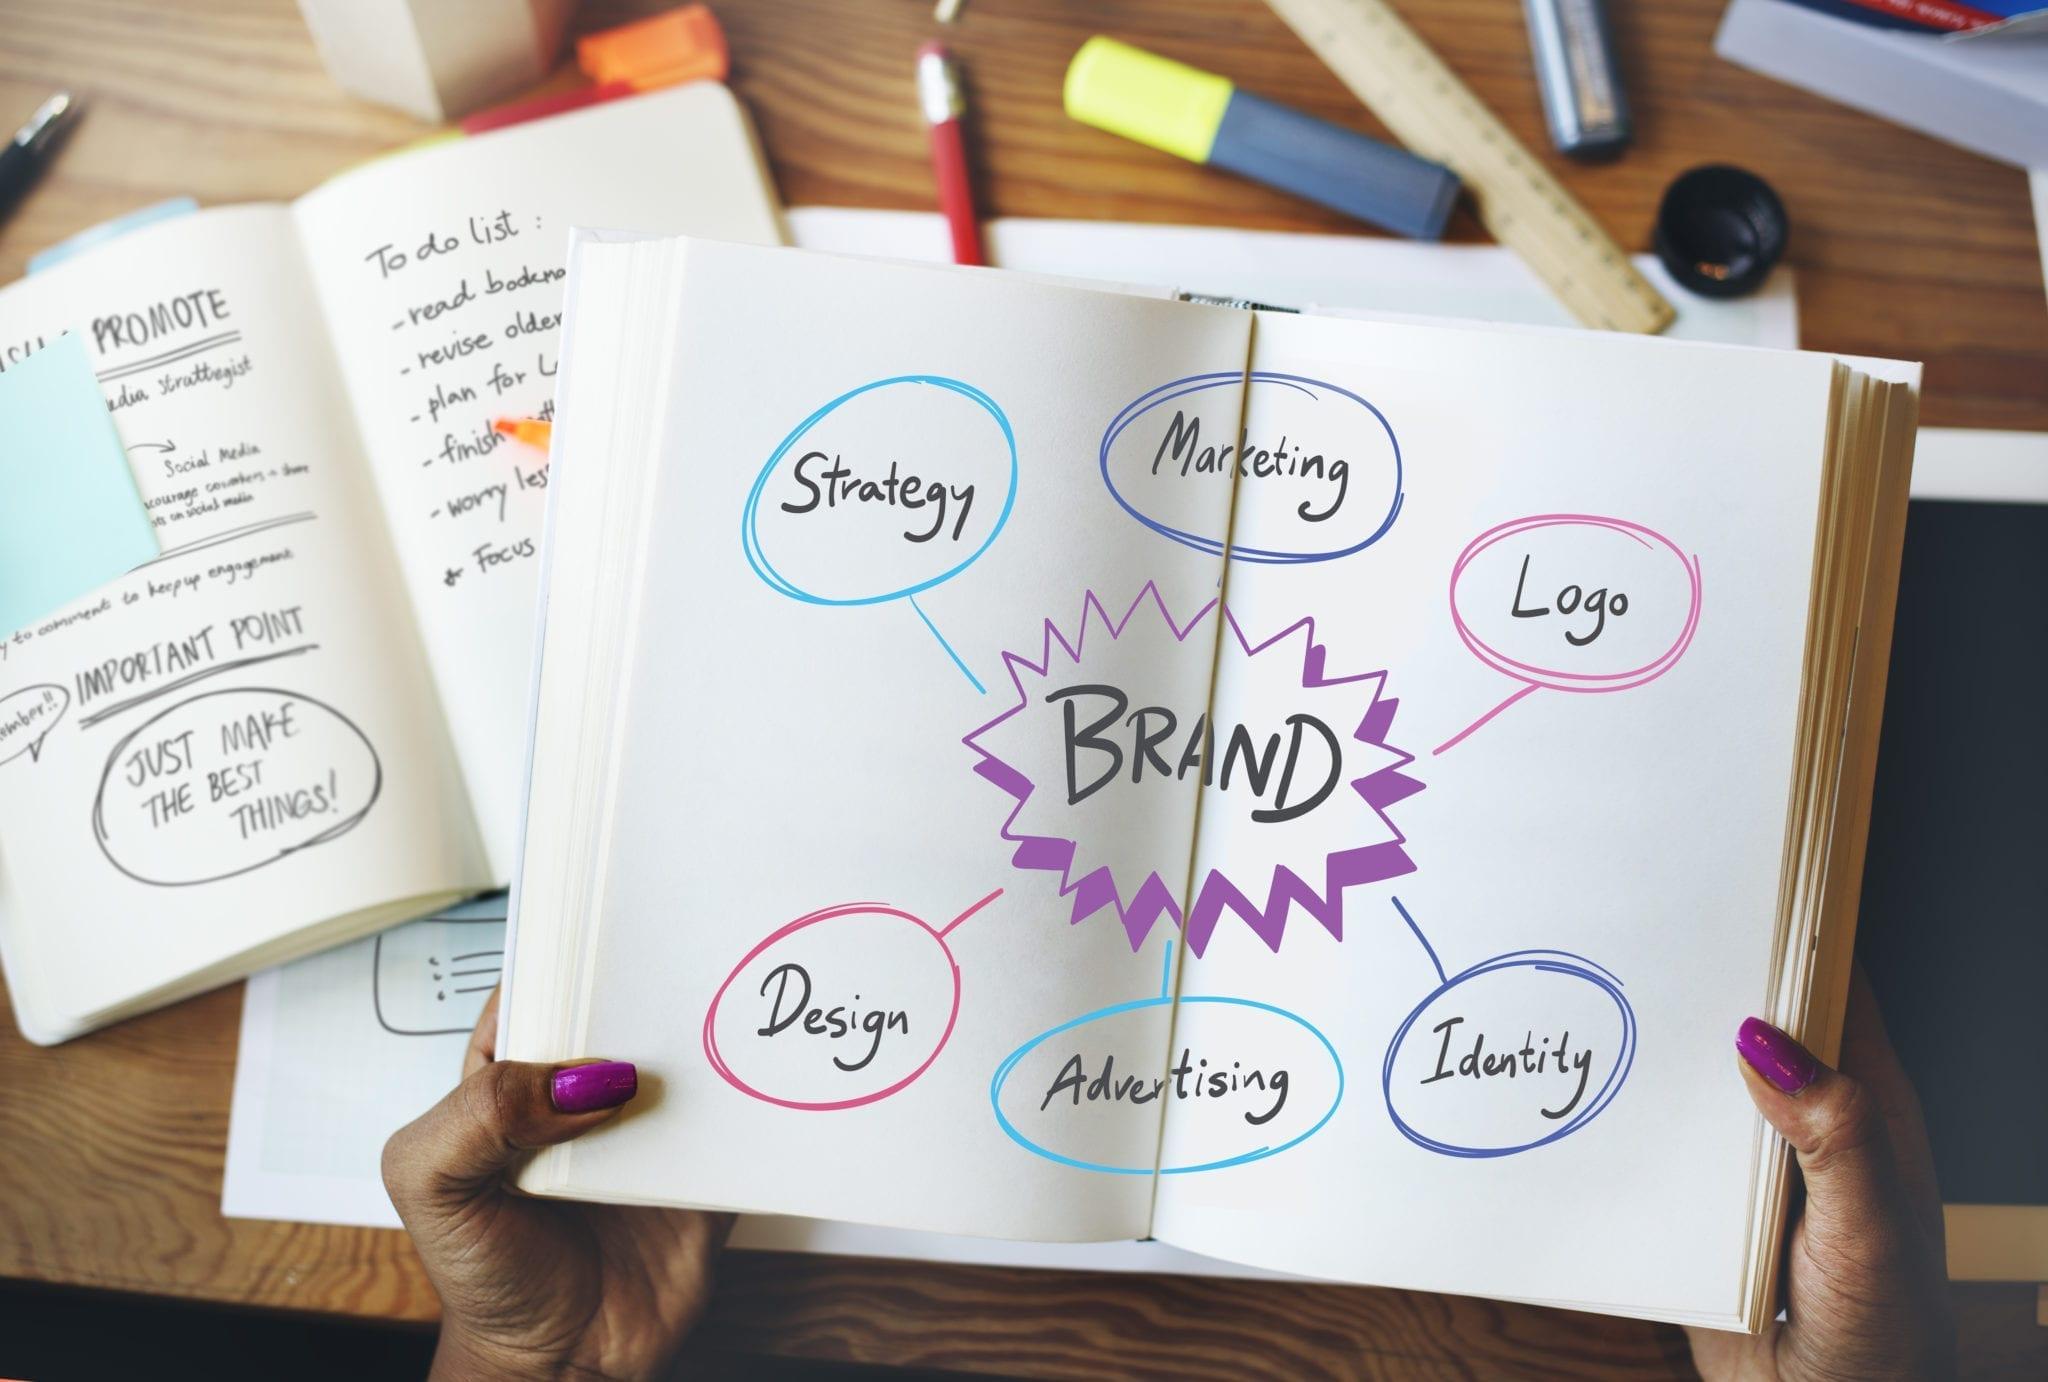 Co to jest marka? Branding, wizerunek, własna firma - Kobieca Strona Biznesu Karolina Kołodziejczyk